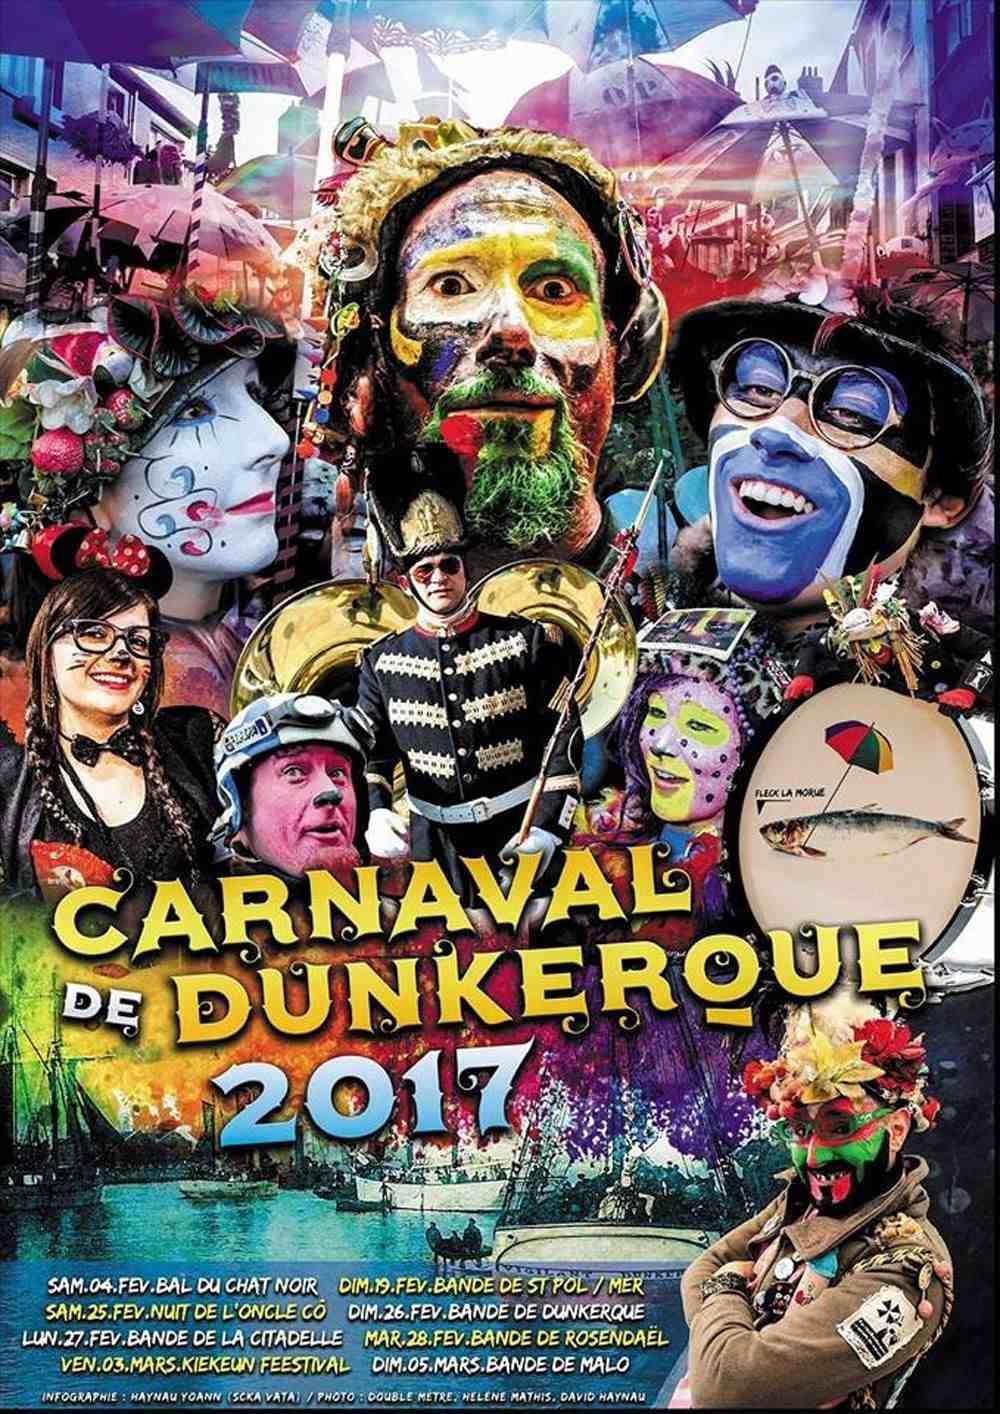 Conseil pratique  portable, bouteille, effets personnels au carnaval de  Dunkerque